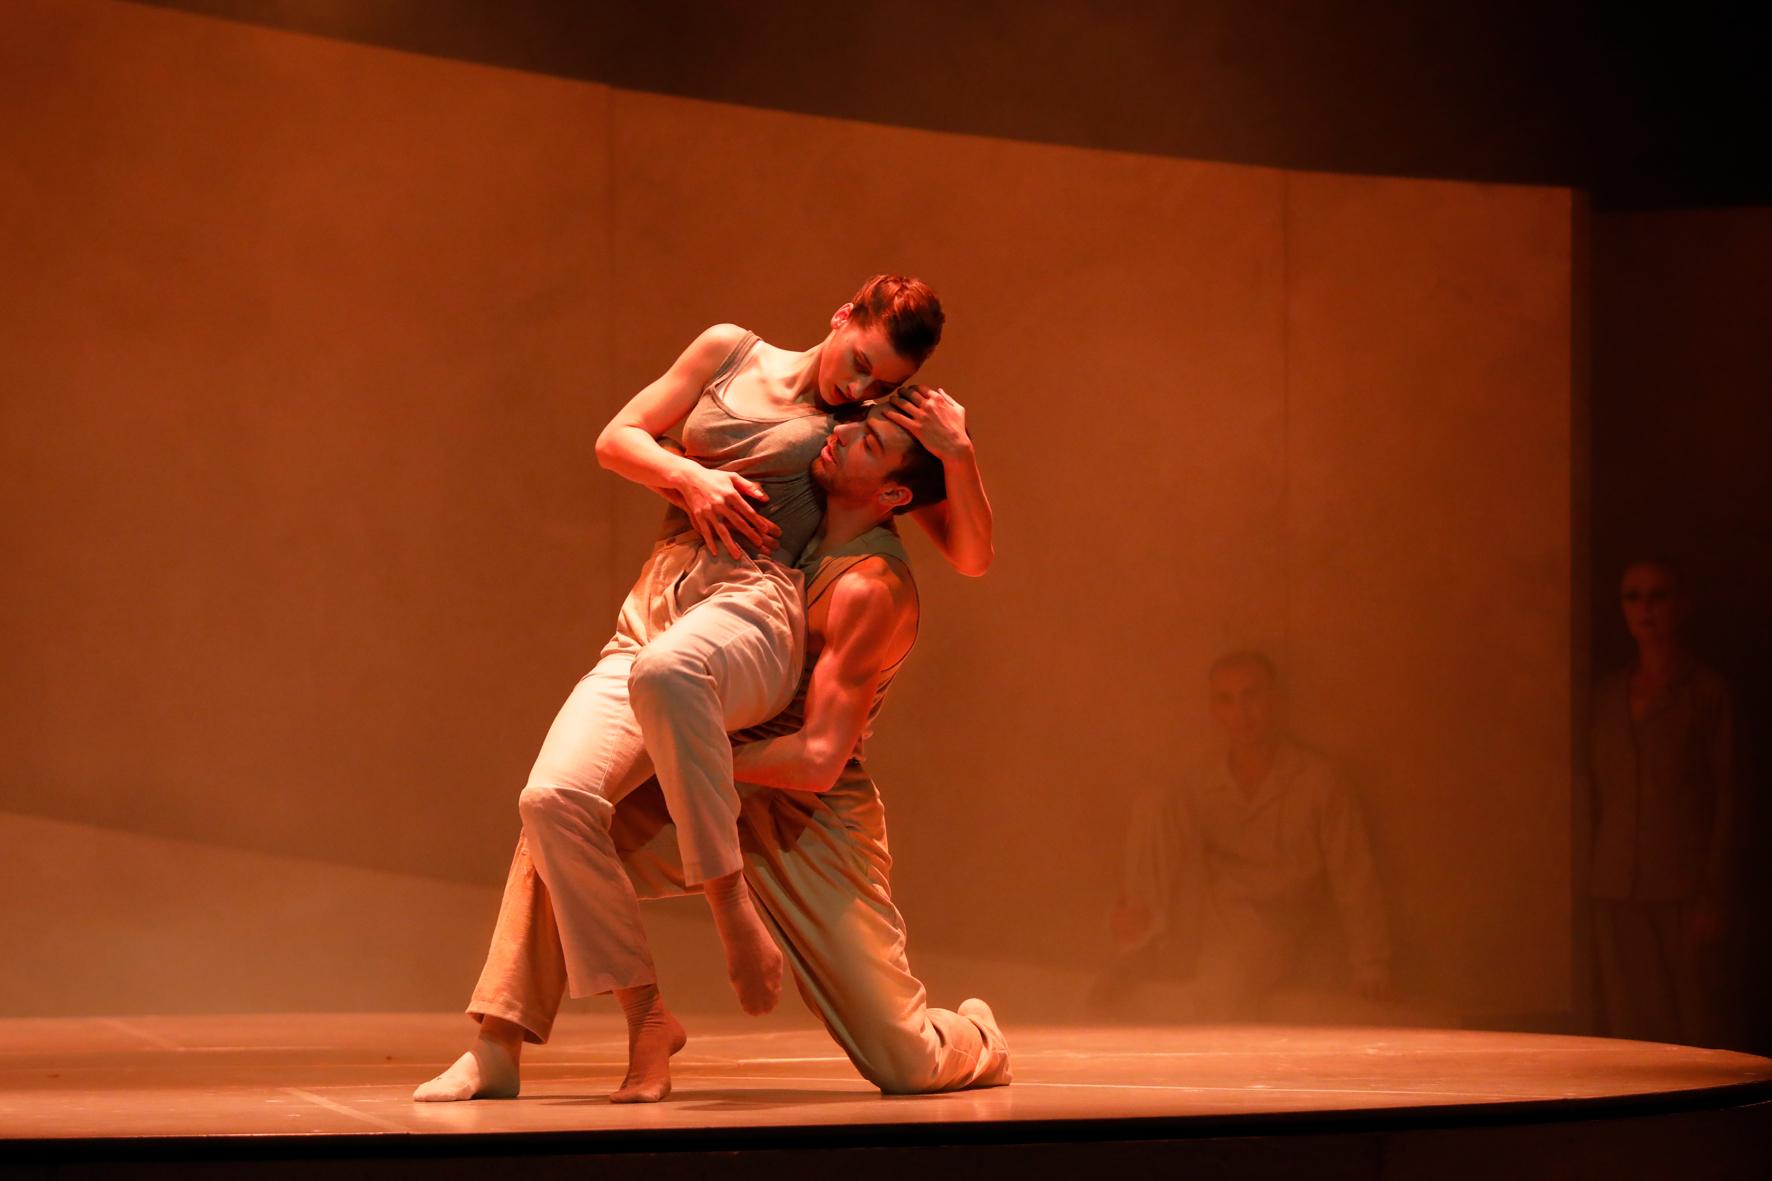 Een mannelijke en vrouwelijke danser in lichte kleding onder oranje licht. Hij is op een knie gehurkt en zij leunt over hem heen en heeft zijn hoofd vast.